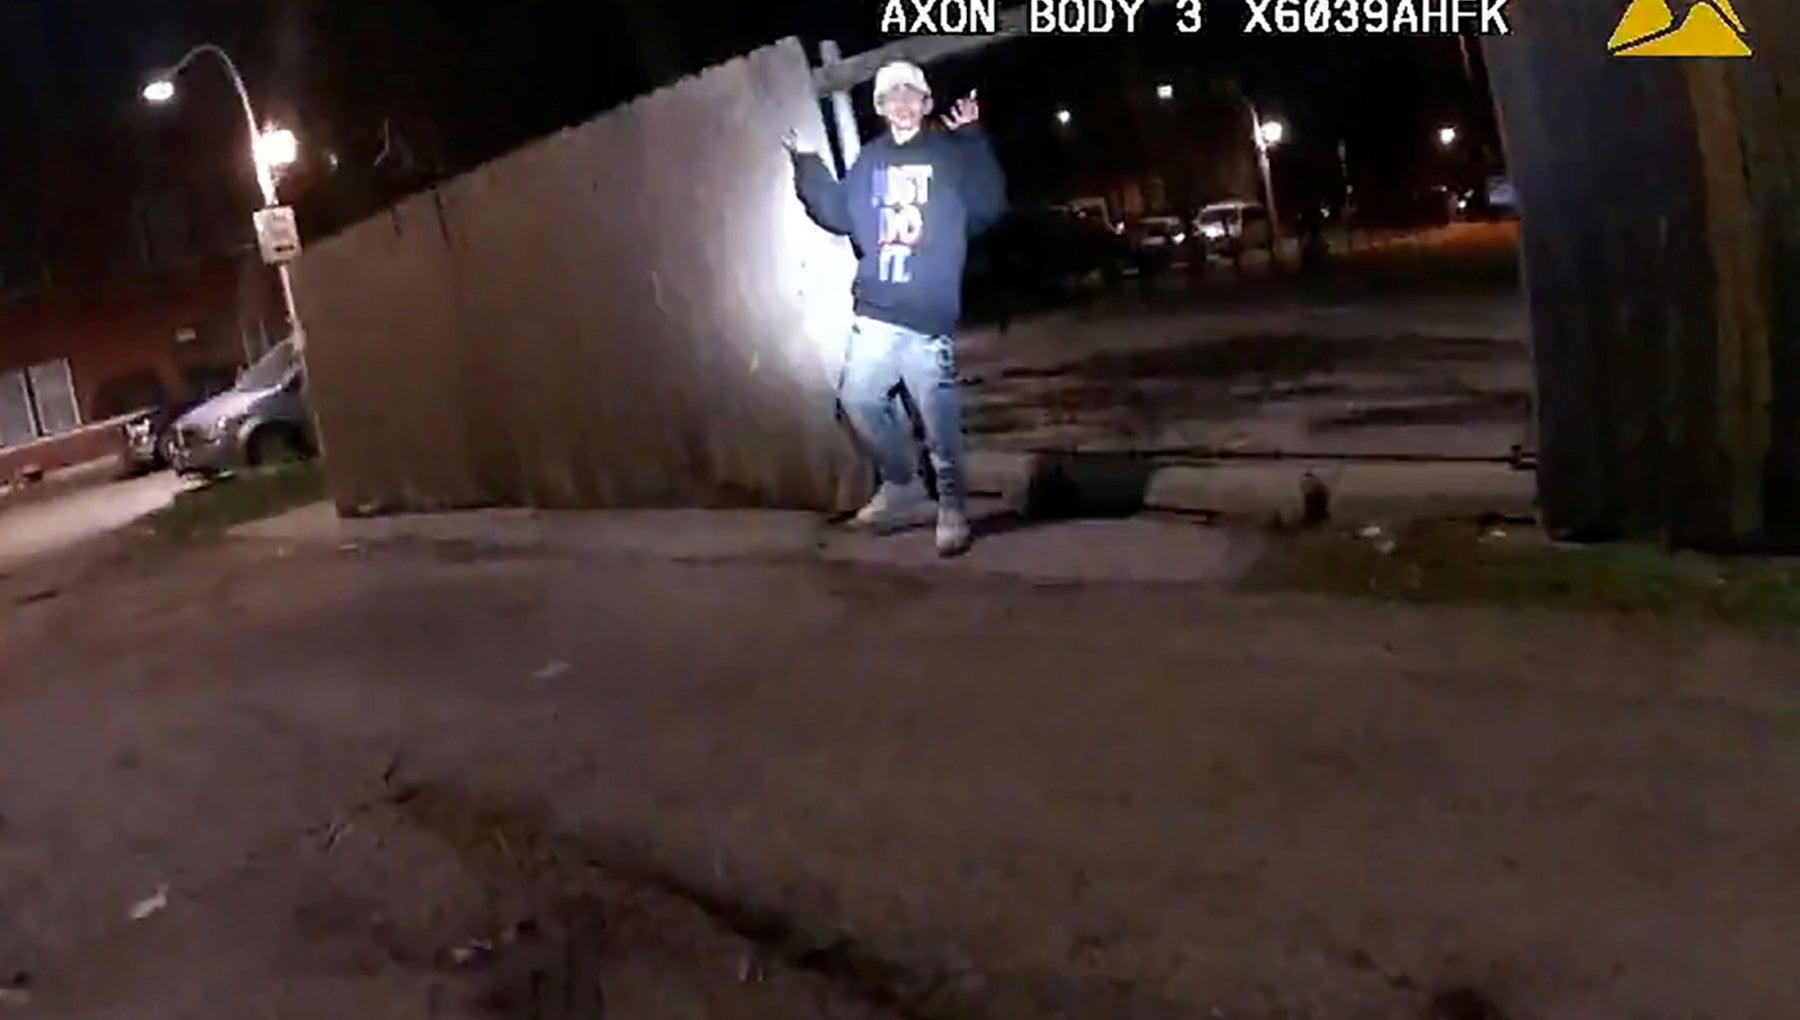 054216995 b705e466 2142 415a 88be b70403d90c2c - Usa, un video mostra un agente sparare a un 13enne che alza mani